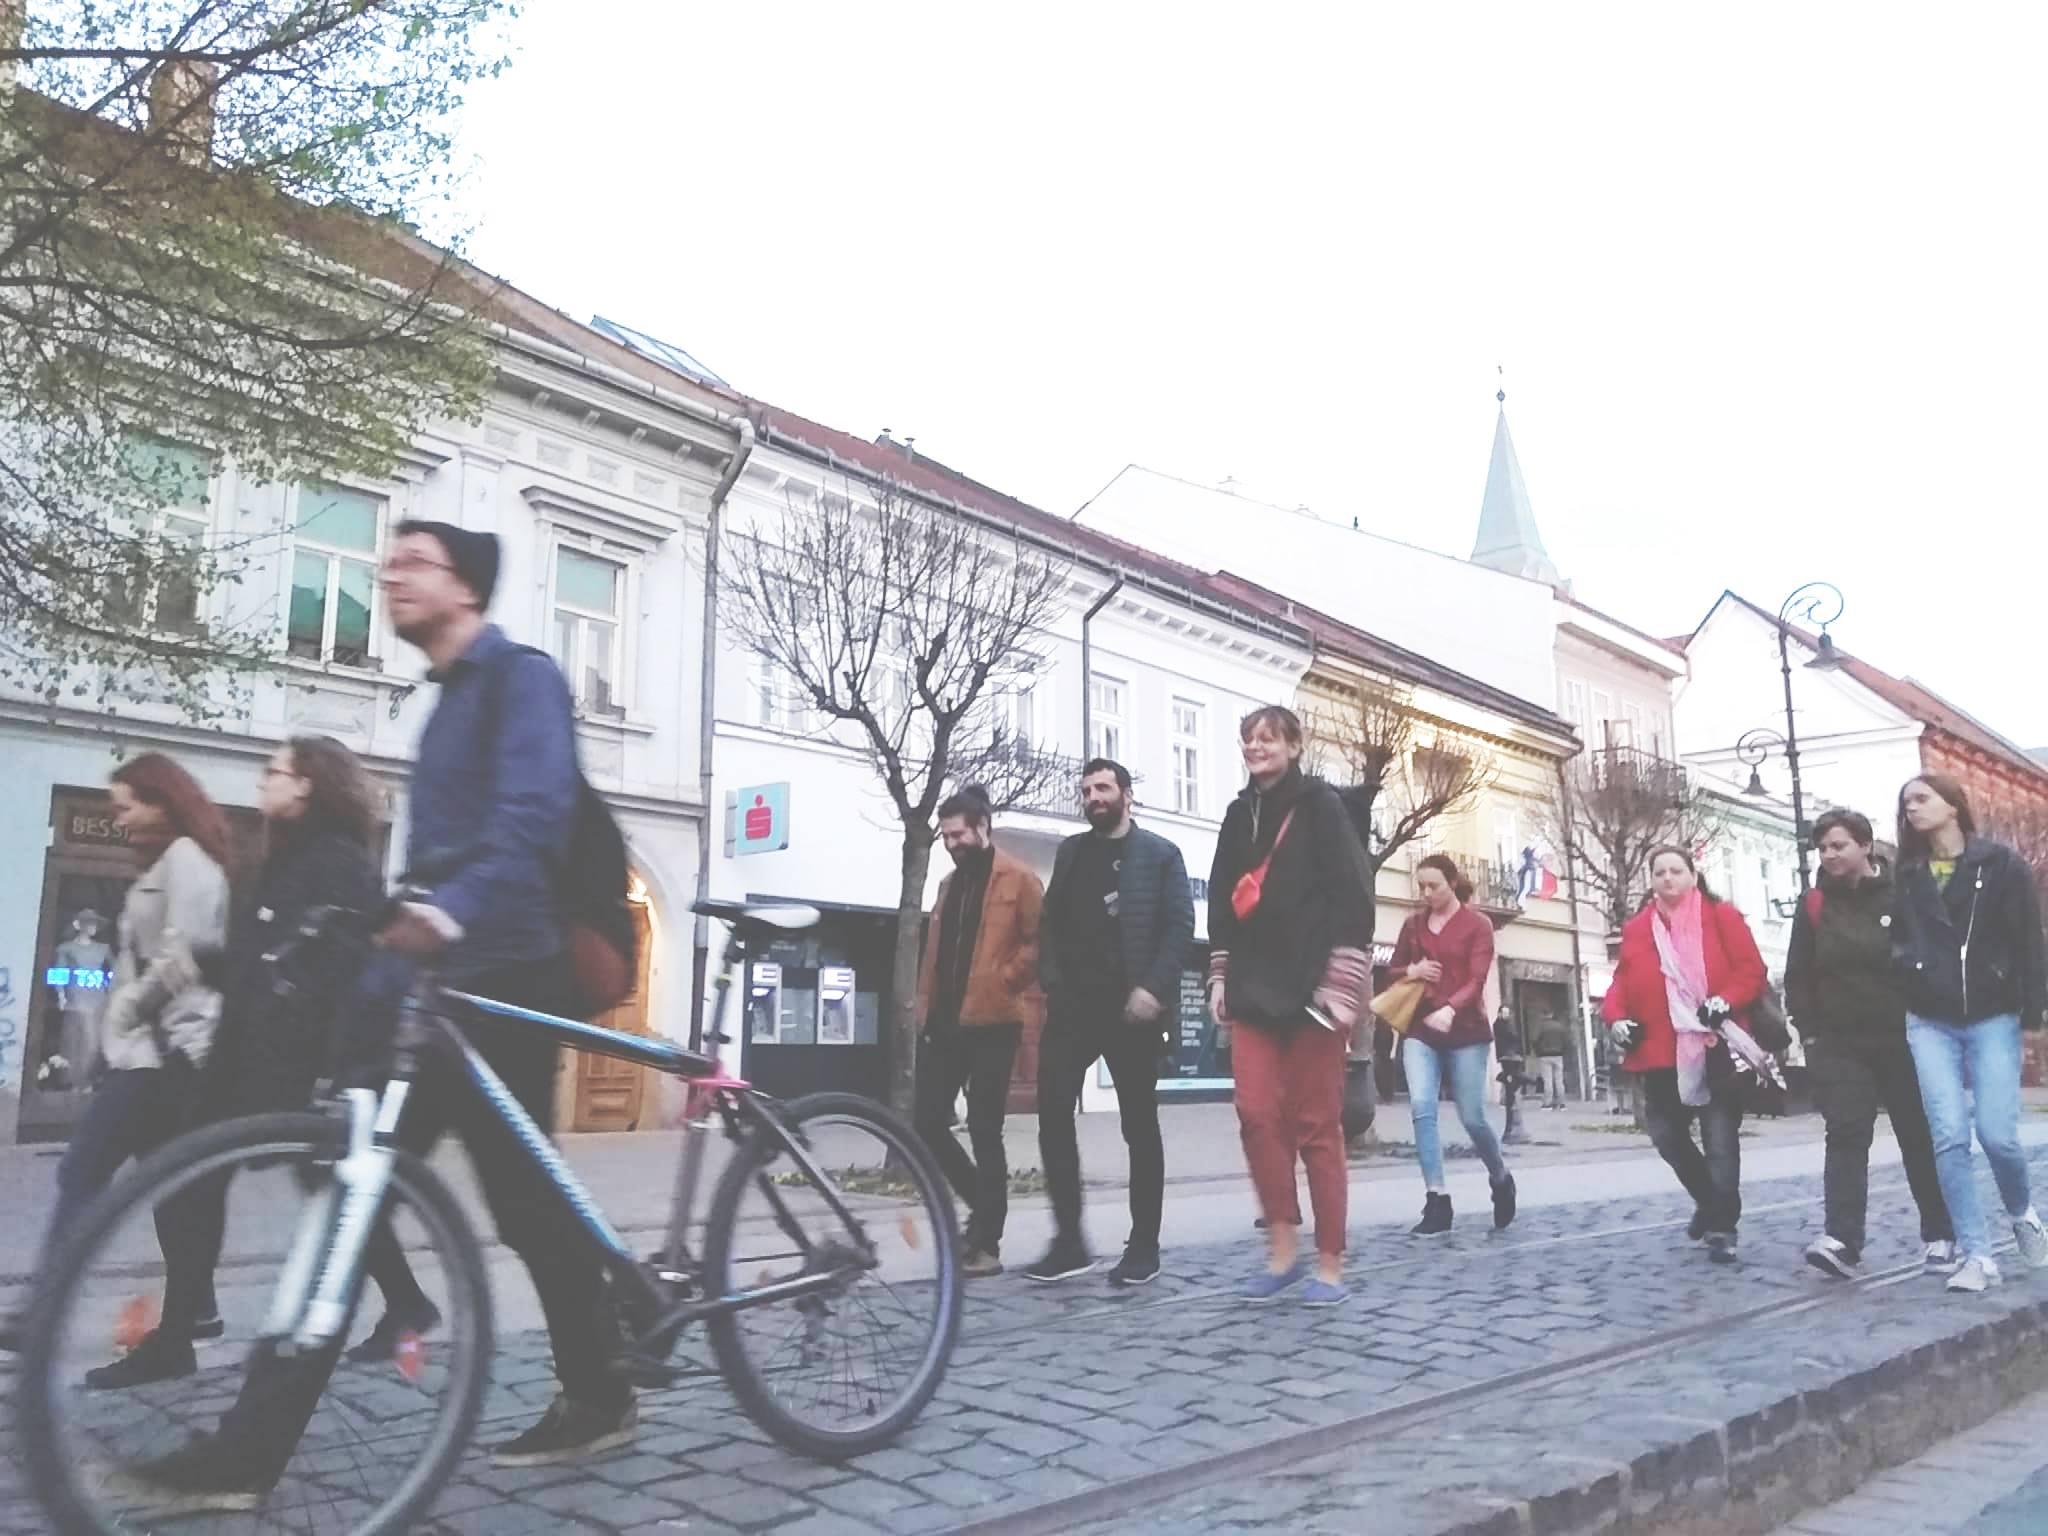 Na výrok o tom, že na východe nič nie je, sa dá pozerať aj ako na príležitosť, hovorí mladý Košičan, ktorý sprevádza turistov po krásach východu